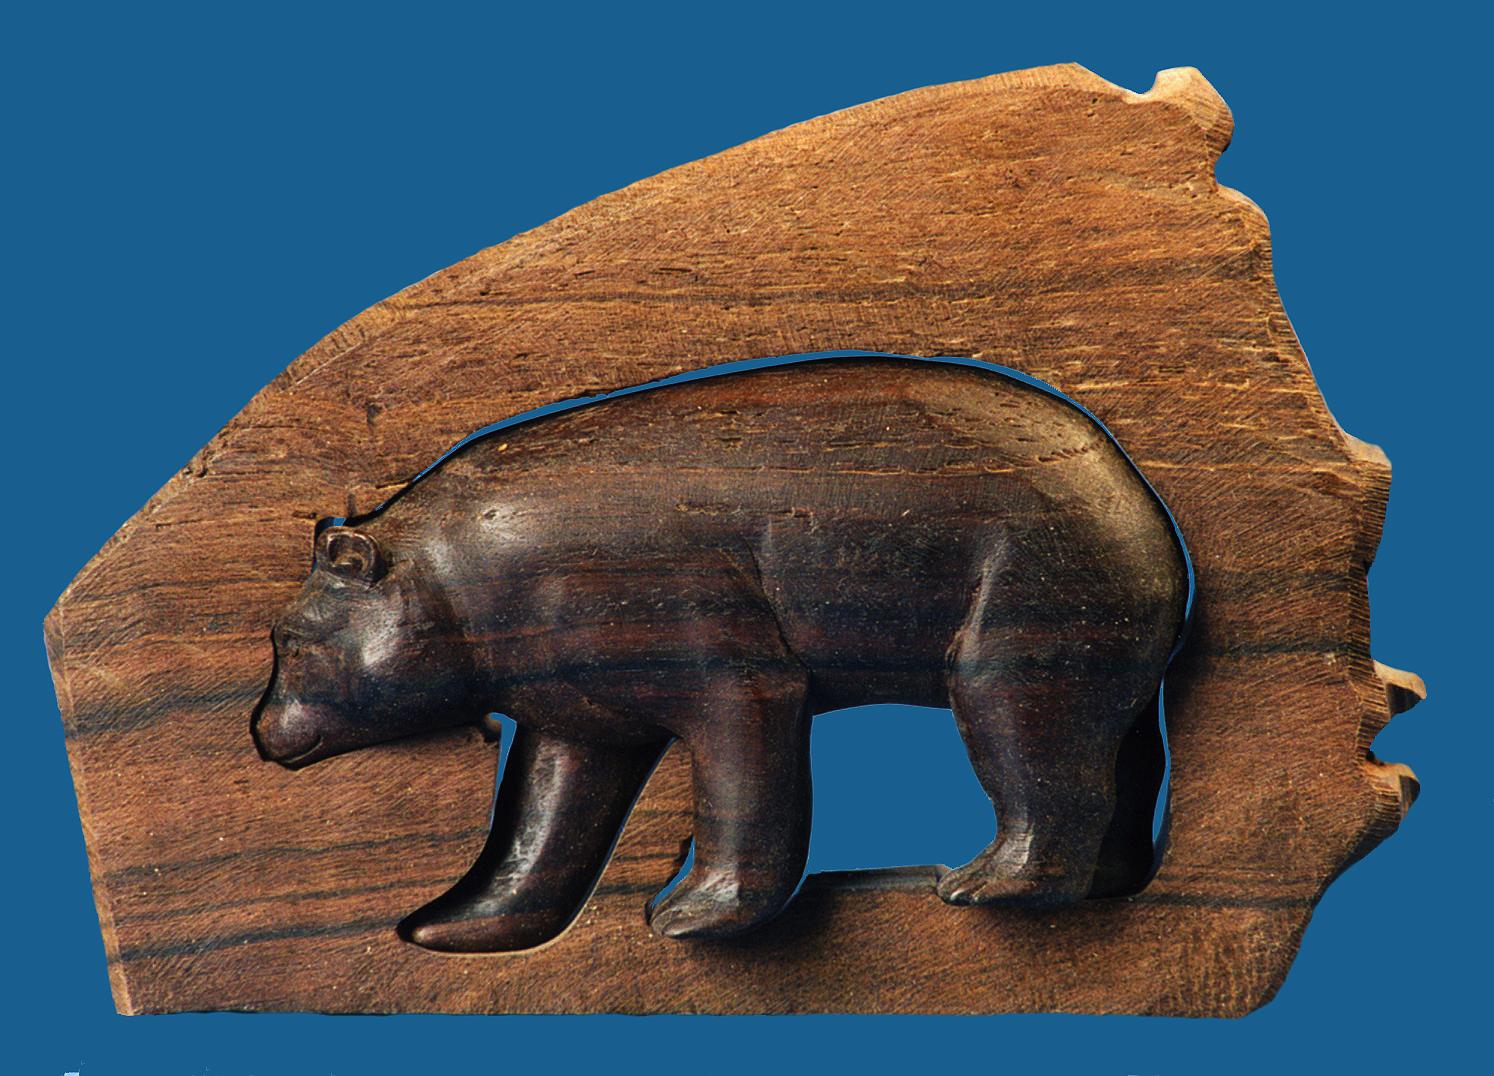 Entstehungszeit Nach 1945 Antiquitäten & Kunst Das Beste Gorilla Aus Ebenholz